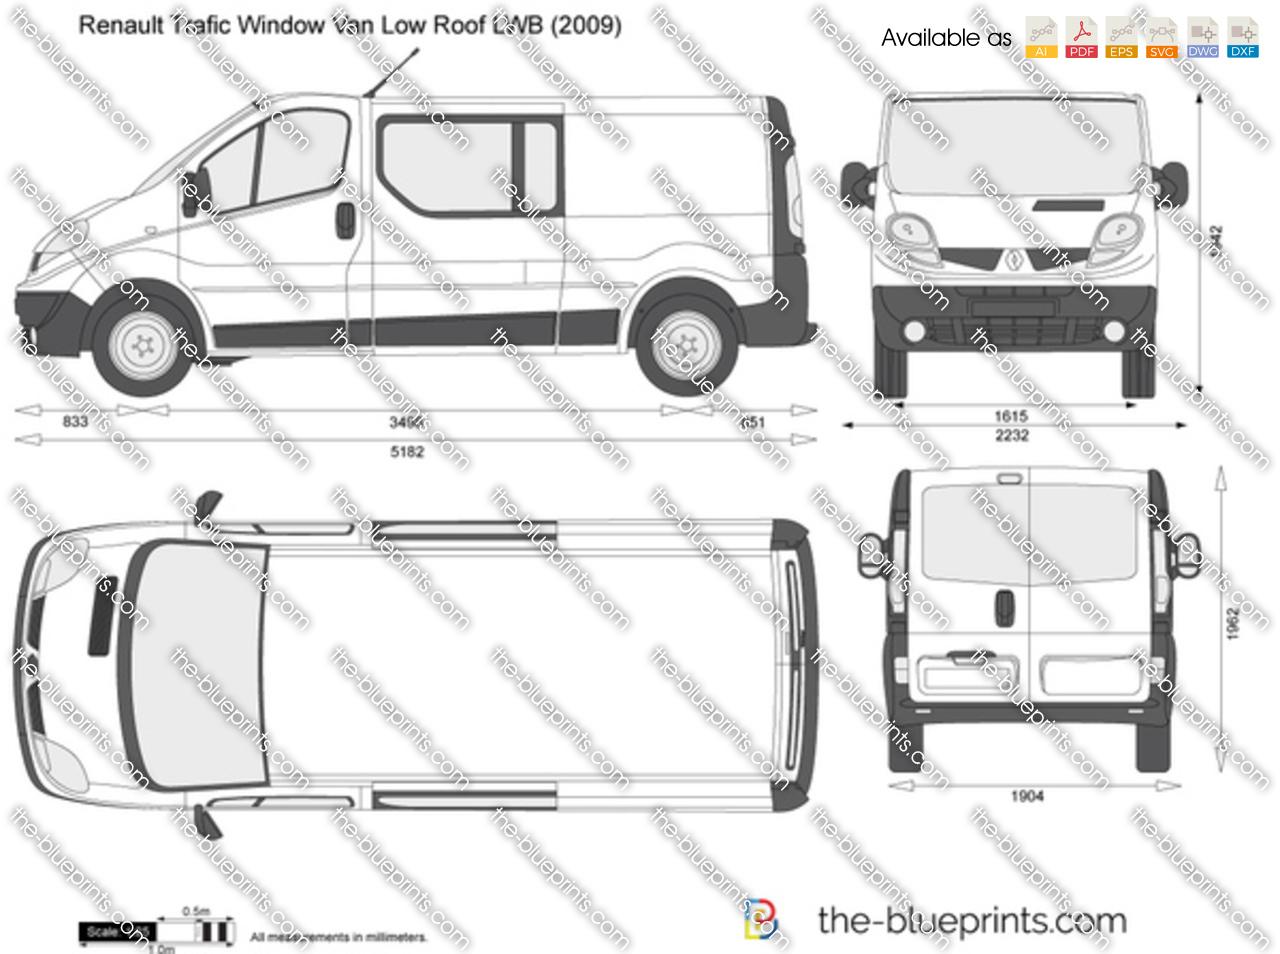 Renault Trafic Window Van Low Roof LWB 2012